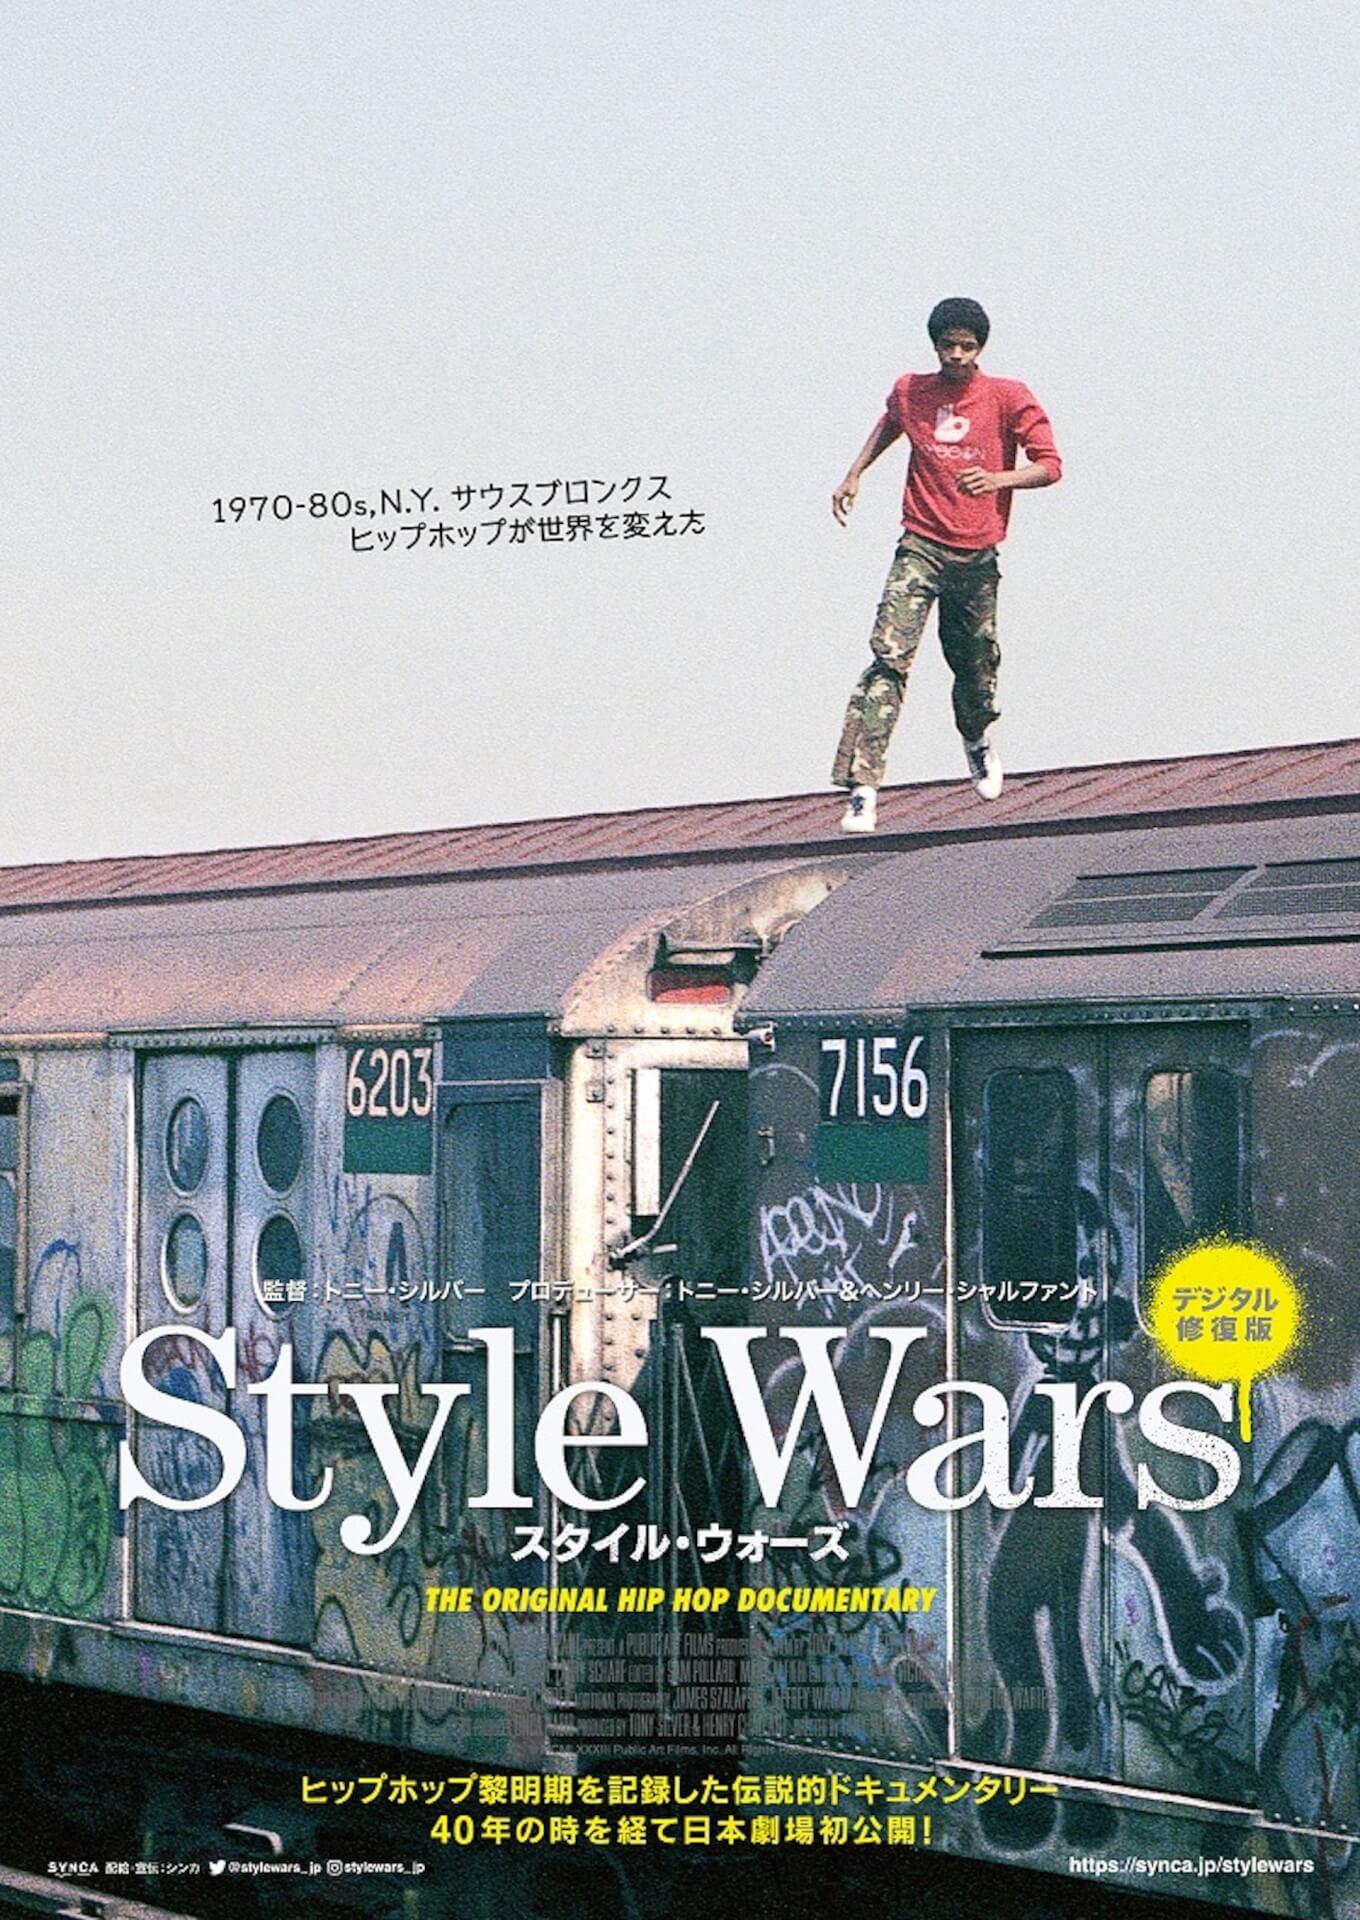 ヒップホップ誕生の歴史を記録した伝説のドキュメンタリー『Style Wars』が日本劇場初公開 いとうせいこう「こんなフィルムが残ってるなんて」 film210113_stylewars-01